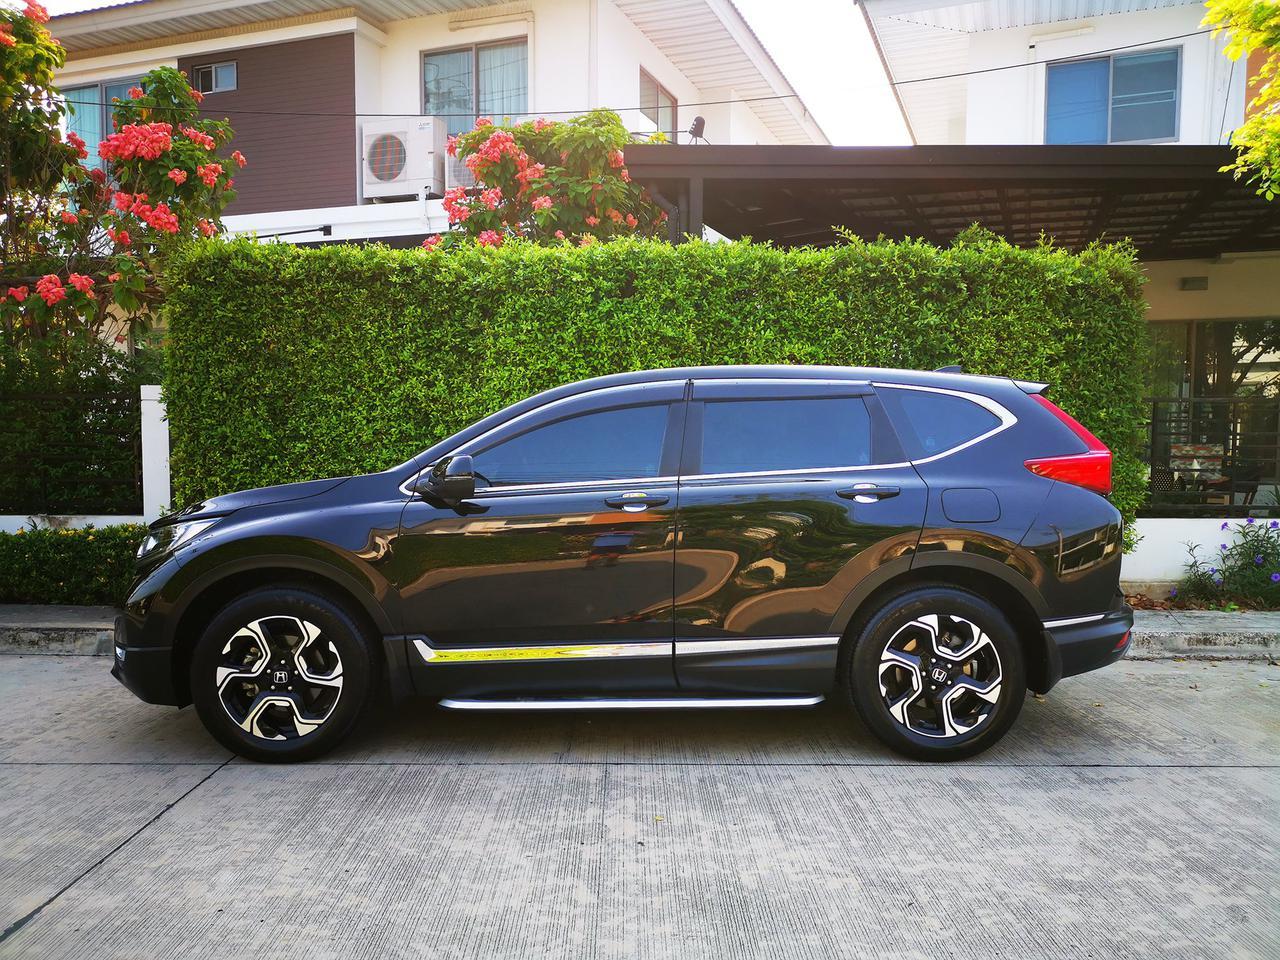 ขายรถ Honda CR-V 1.6 EL ปี 2019 สีดำ รุ่นท๊อปสุด เครื่องยนต์ดีเซล 4WD มือเดียว สภาพป้ายแดง รูปที่ 2